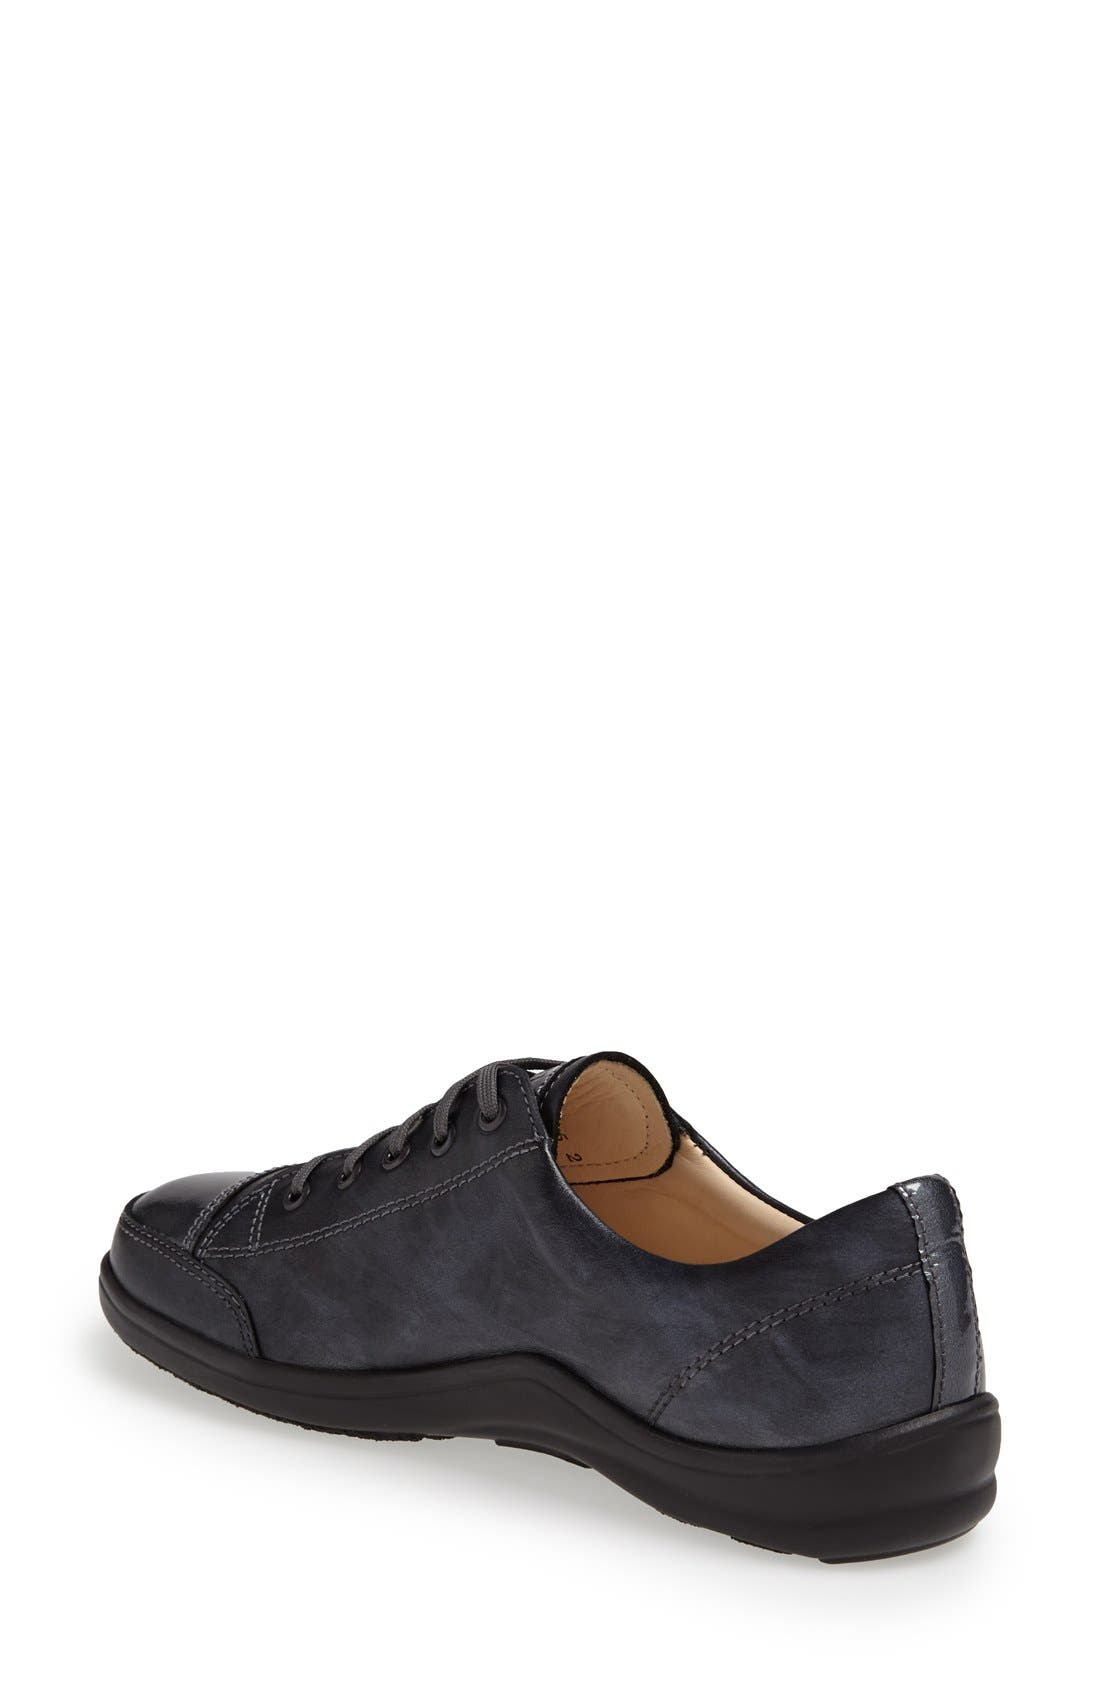 Alternate Image 2  - Finn Comfort 'Soho' Sneaker (Women)